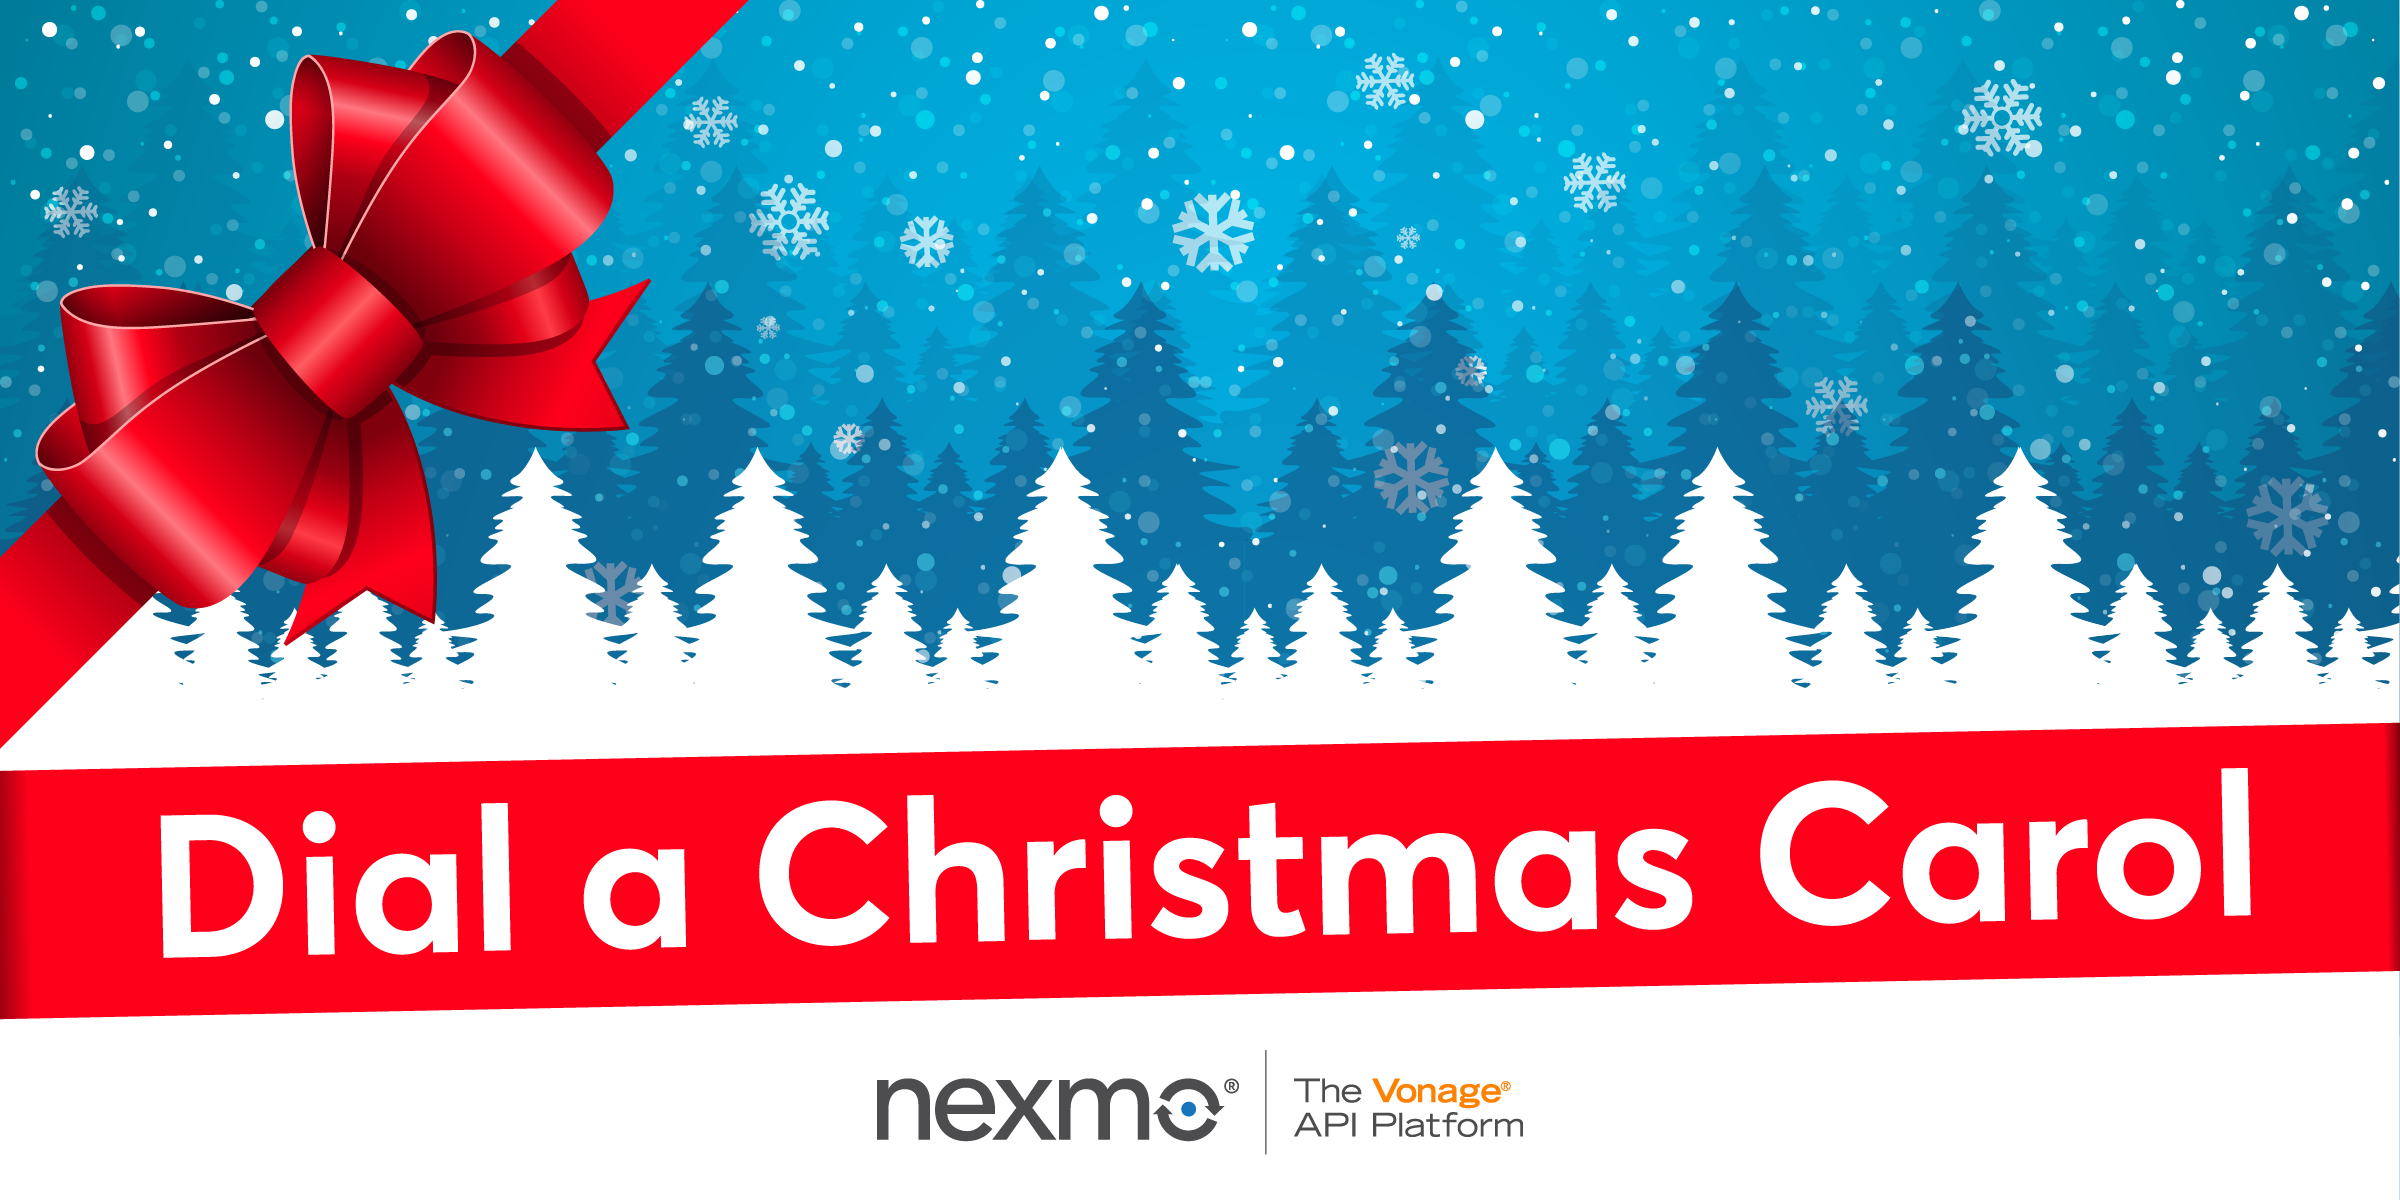 Dial a Christmas Carol with Nexmo and Python